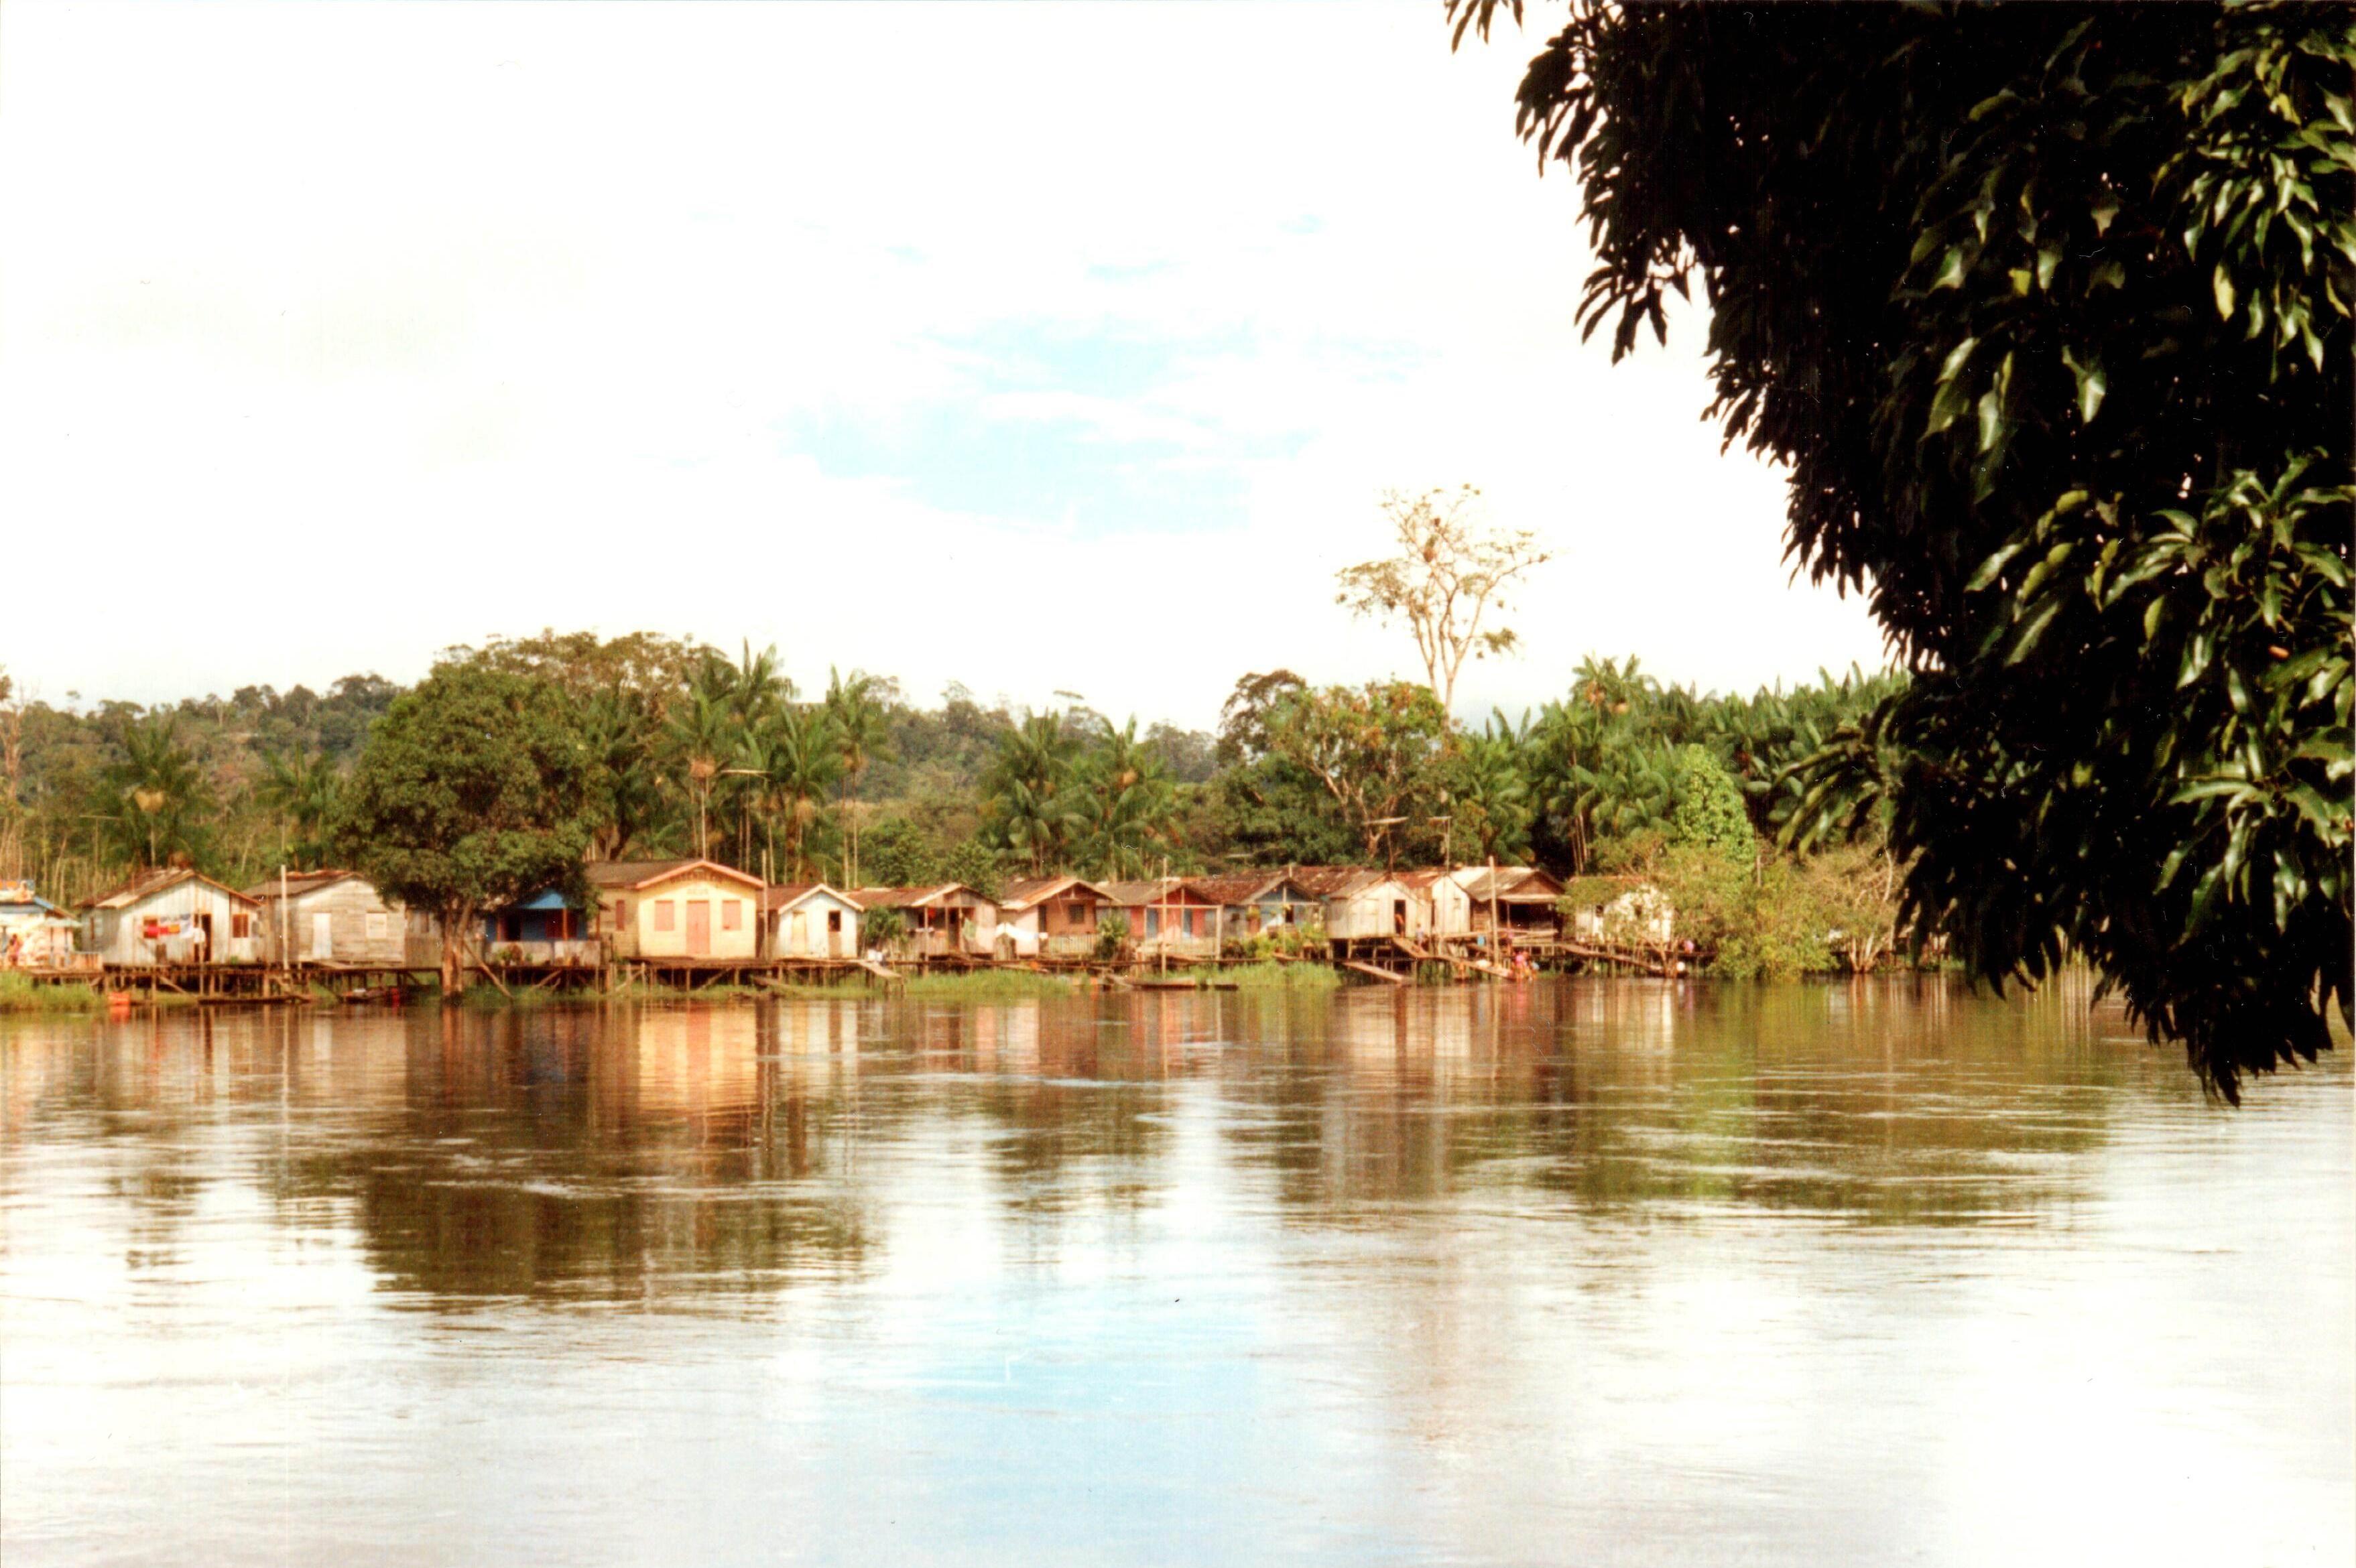 Sat pe Râul Amapari (fotografie realizată de membrii echipei).